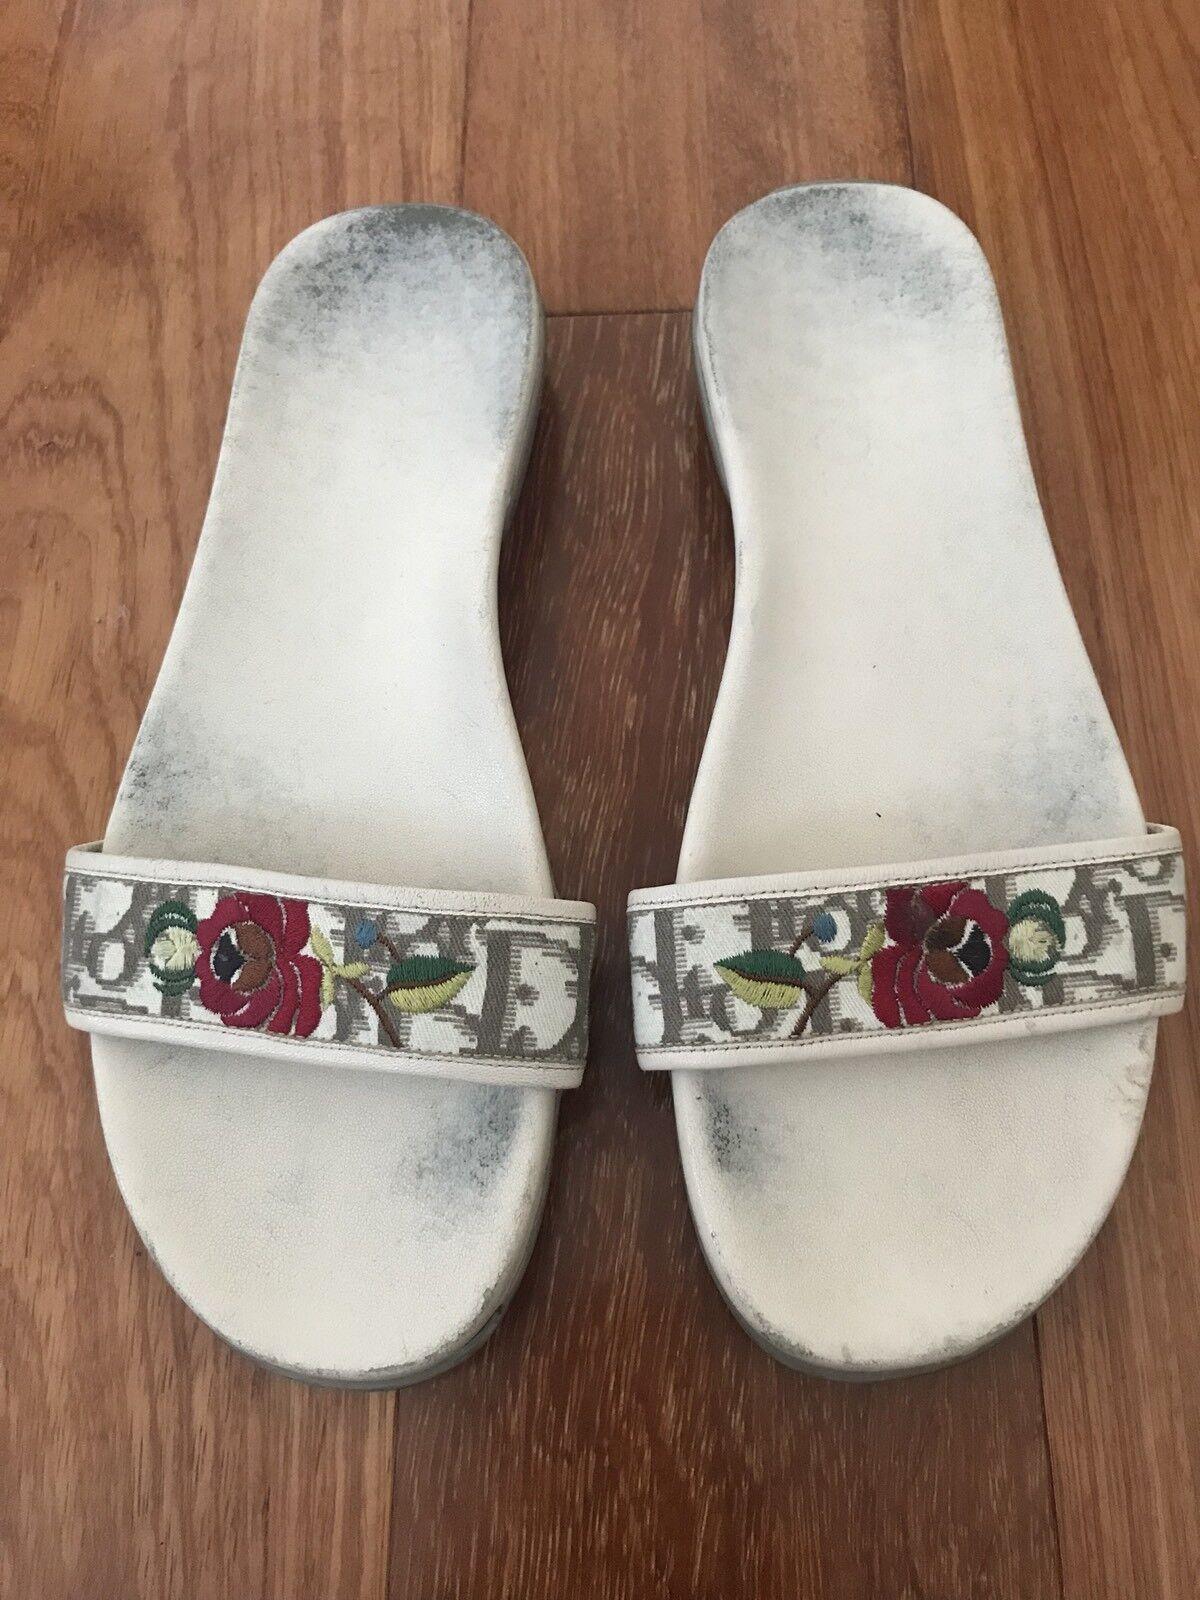 Dior Vintage Flat Sandals, 39